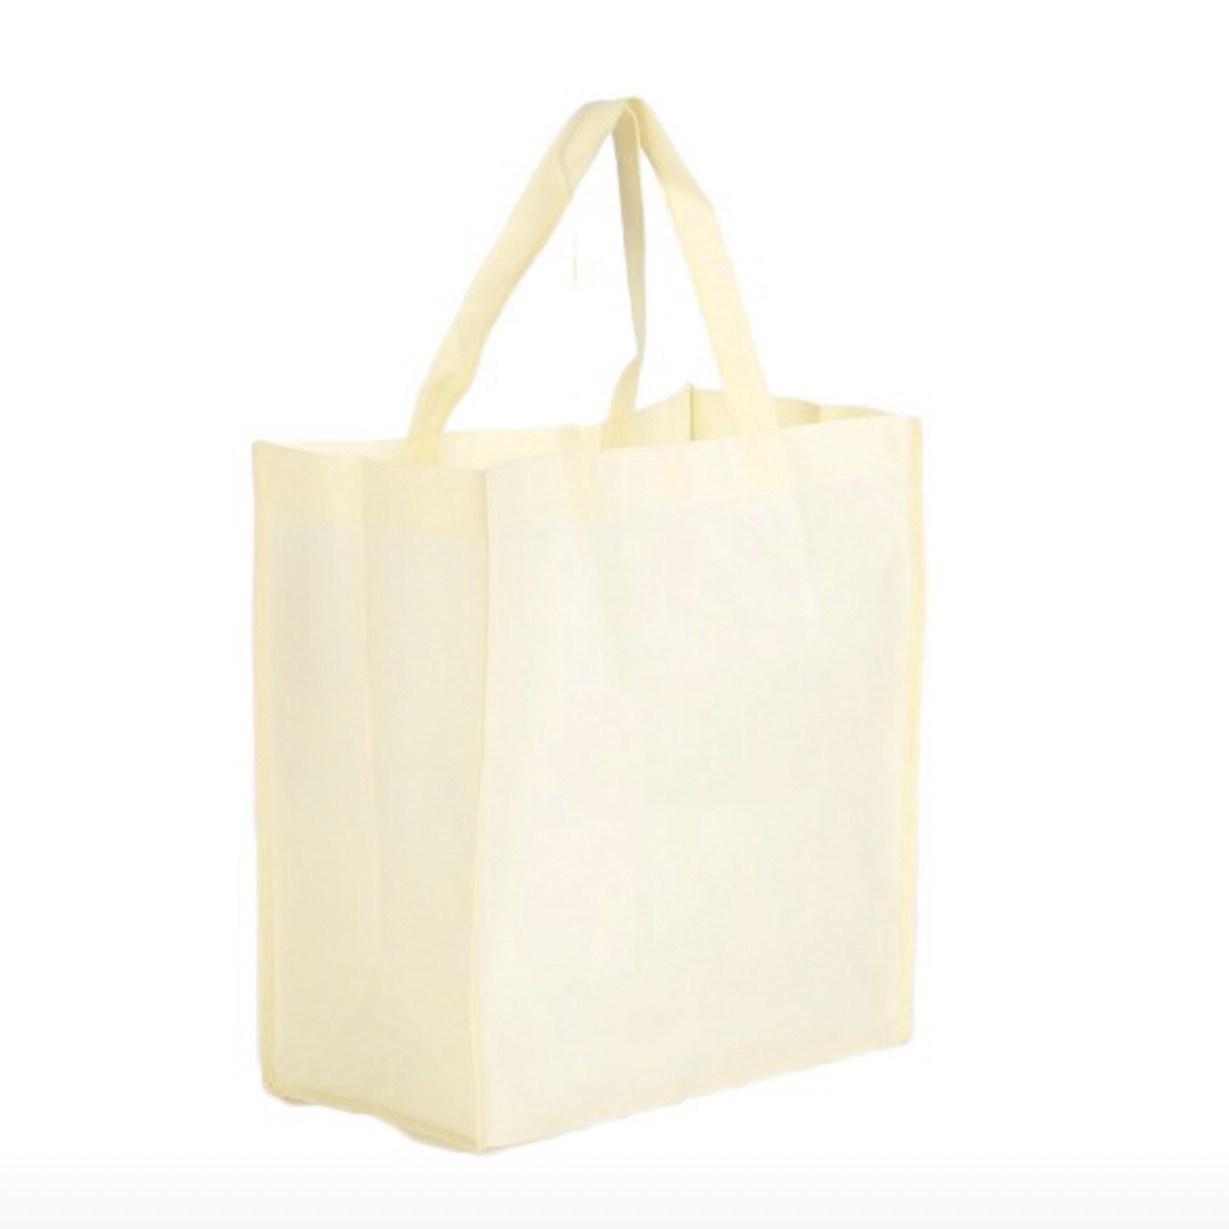 外帶自取環保購物袋客製不織布袋子